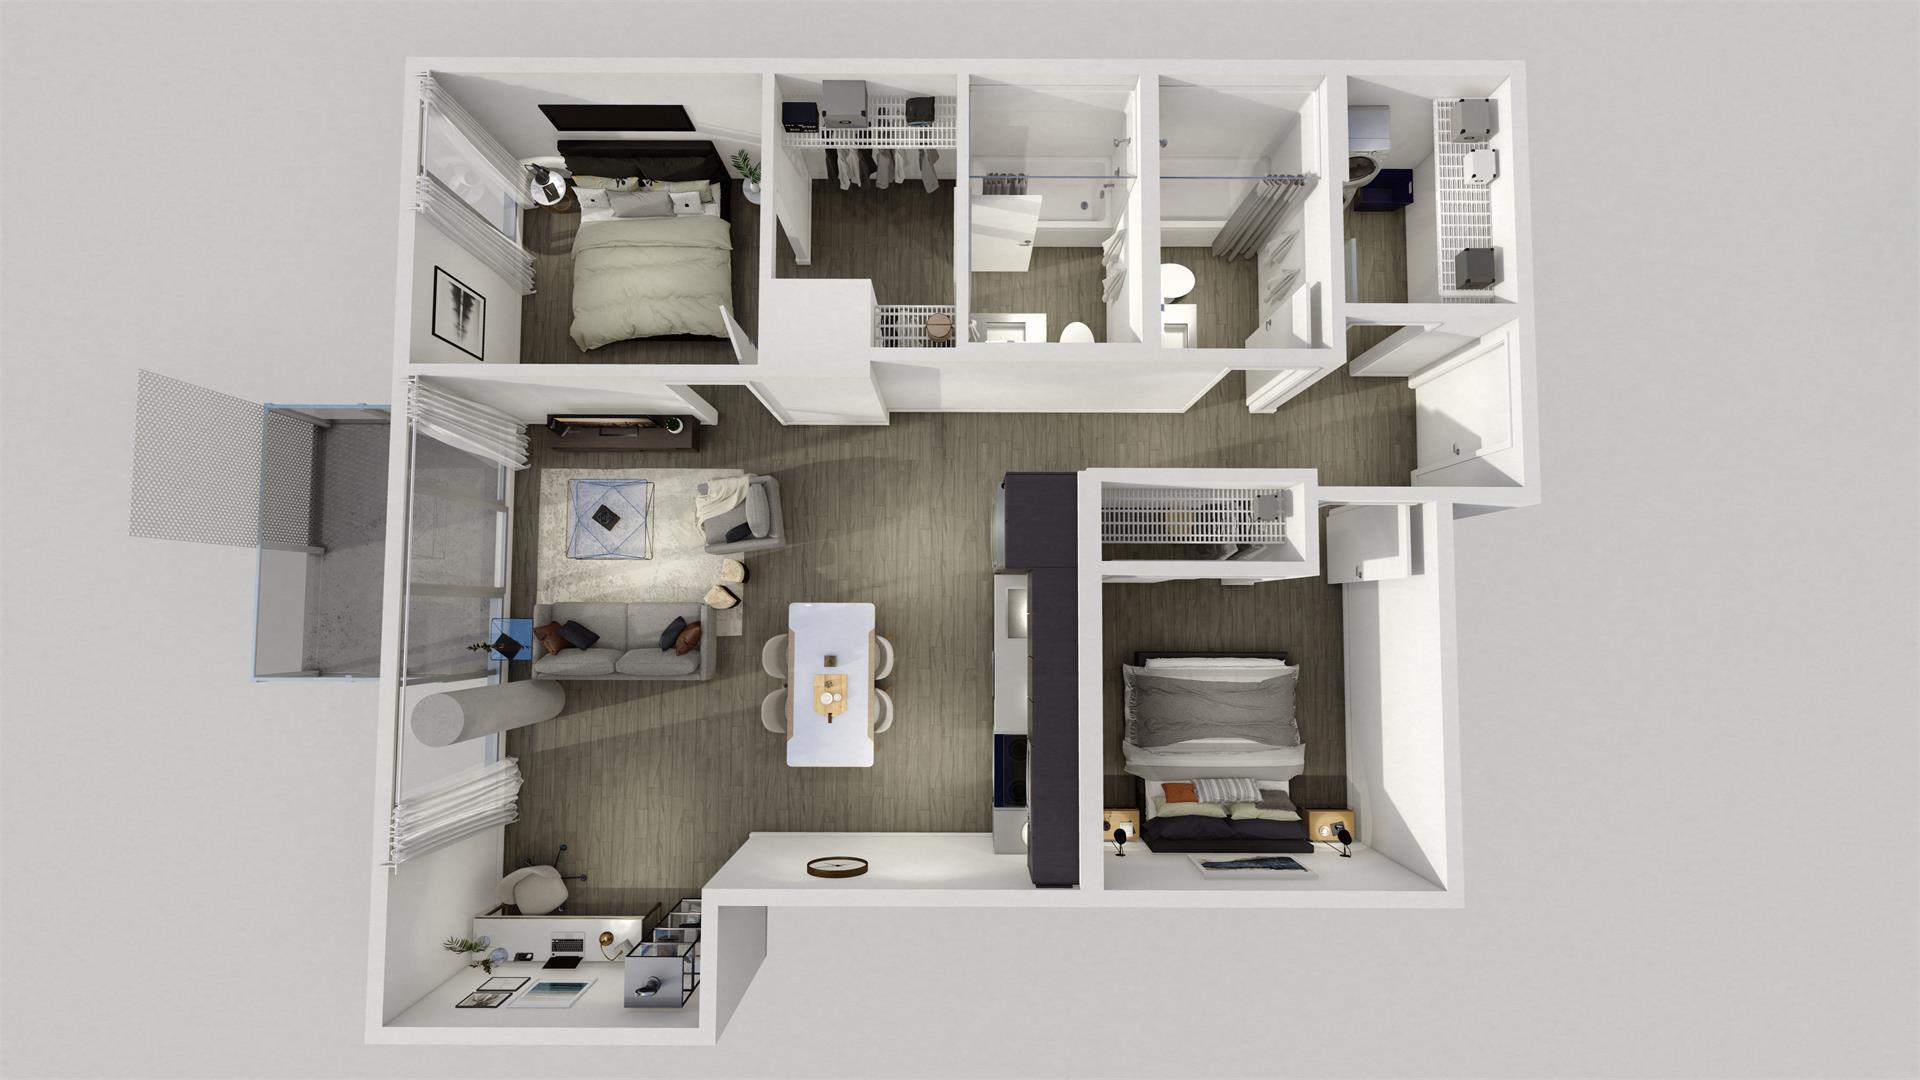 Rendering of Era Condos suite interior 2 bedroom dollhouse.